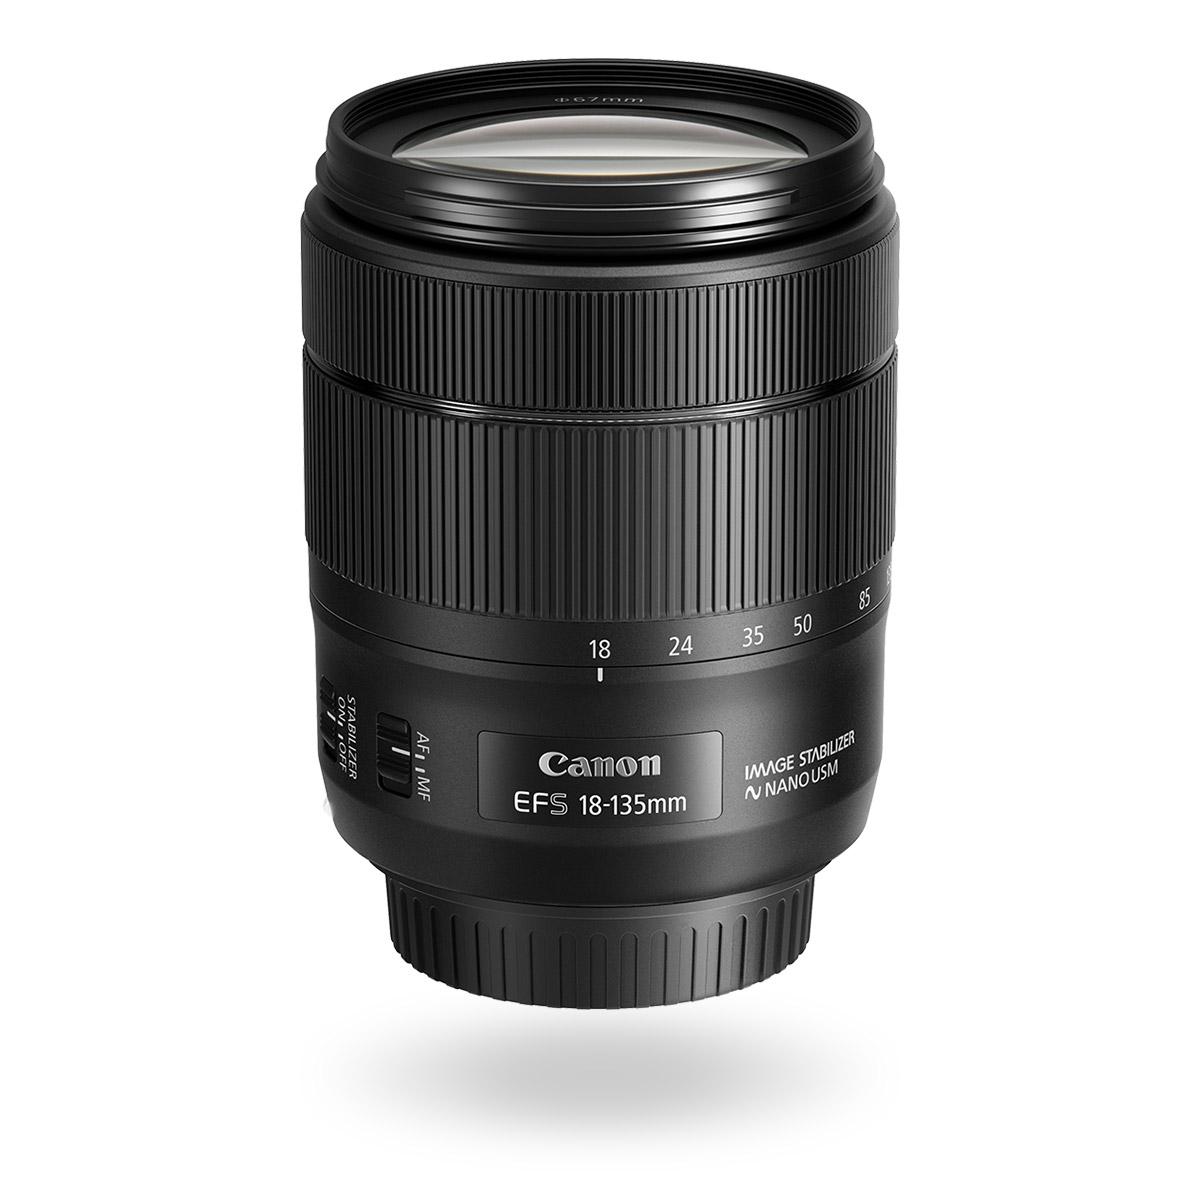 EF-S 18-135mm f3.5-5.6 IS USM Lens